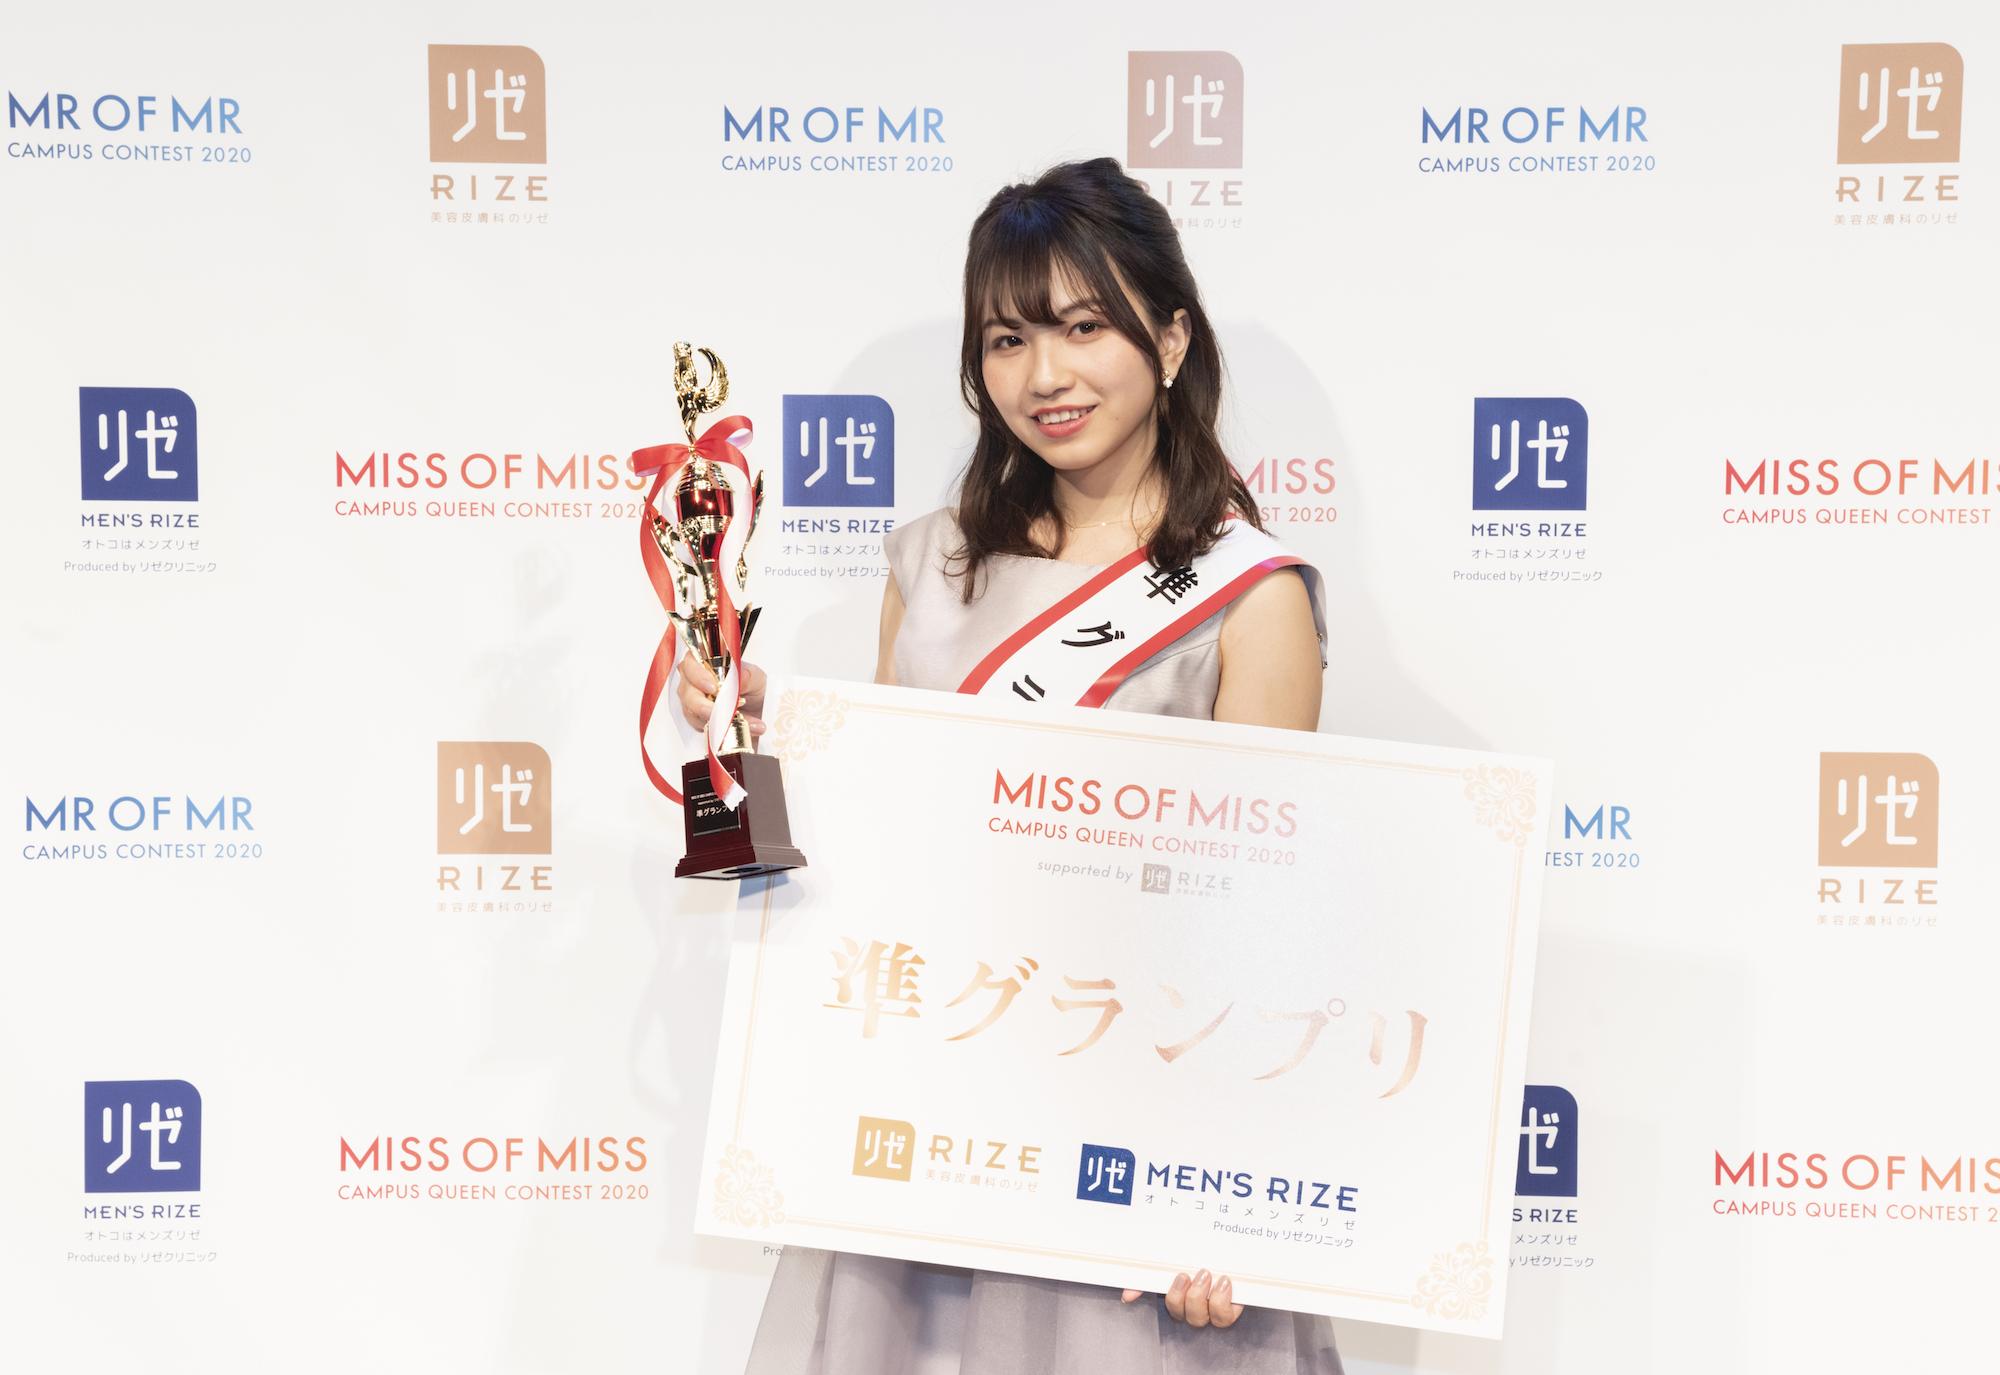 松本楓加/『MISS OF MISS CAMPUS QUEEN CONTEST 2020 supported by リゼクリニック』2020年3月26日